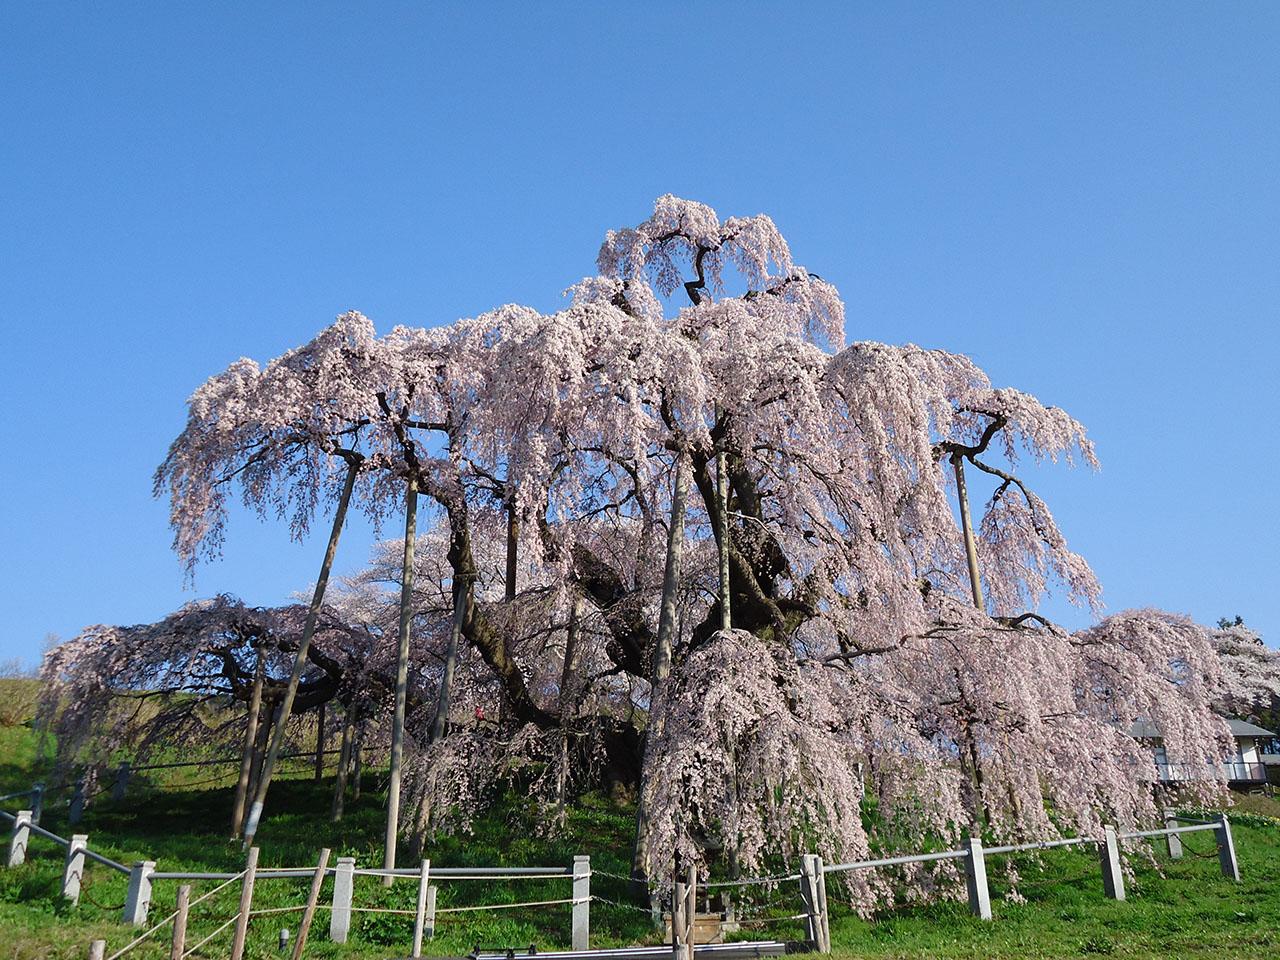 【お花見特集2020】花が滝のように枝垂れる巨木の桜「三春滝桜」